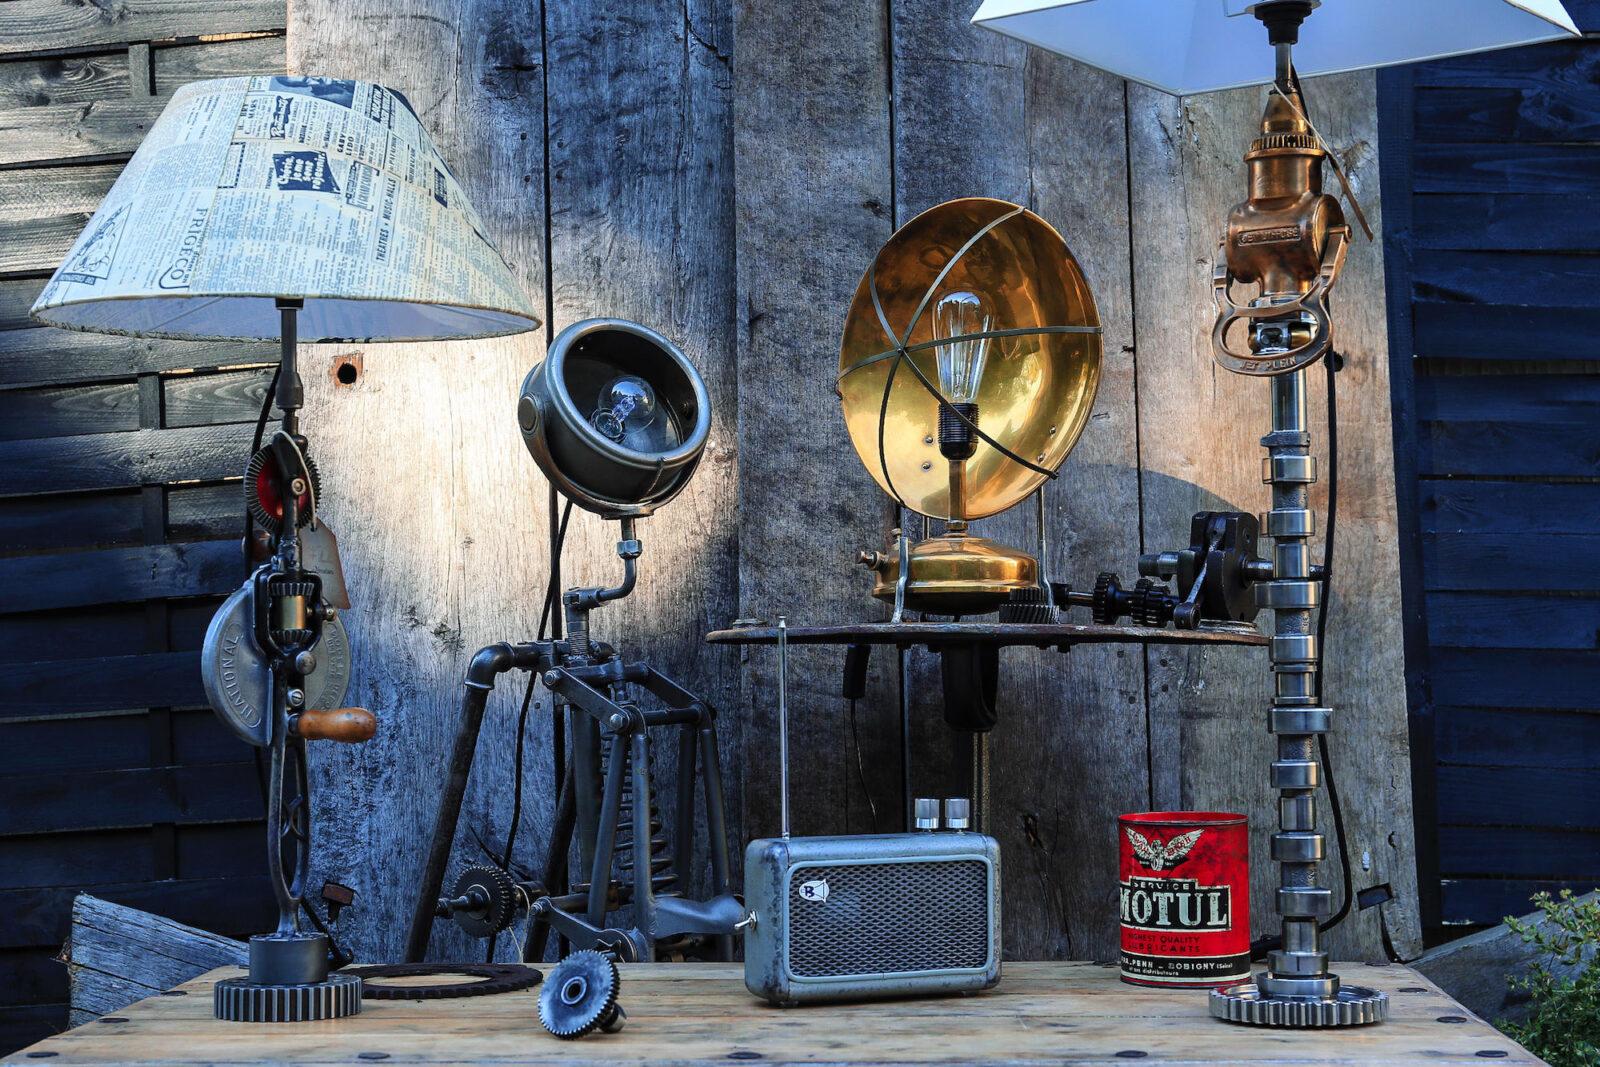 lUsinarium Celsius Lamp 1600x1067 - l'Usinarium Celsius Lamp